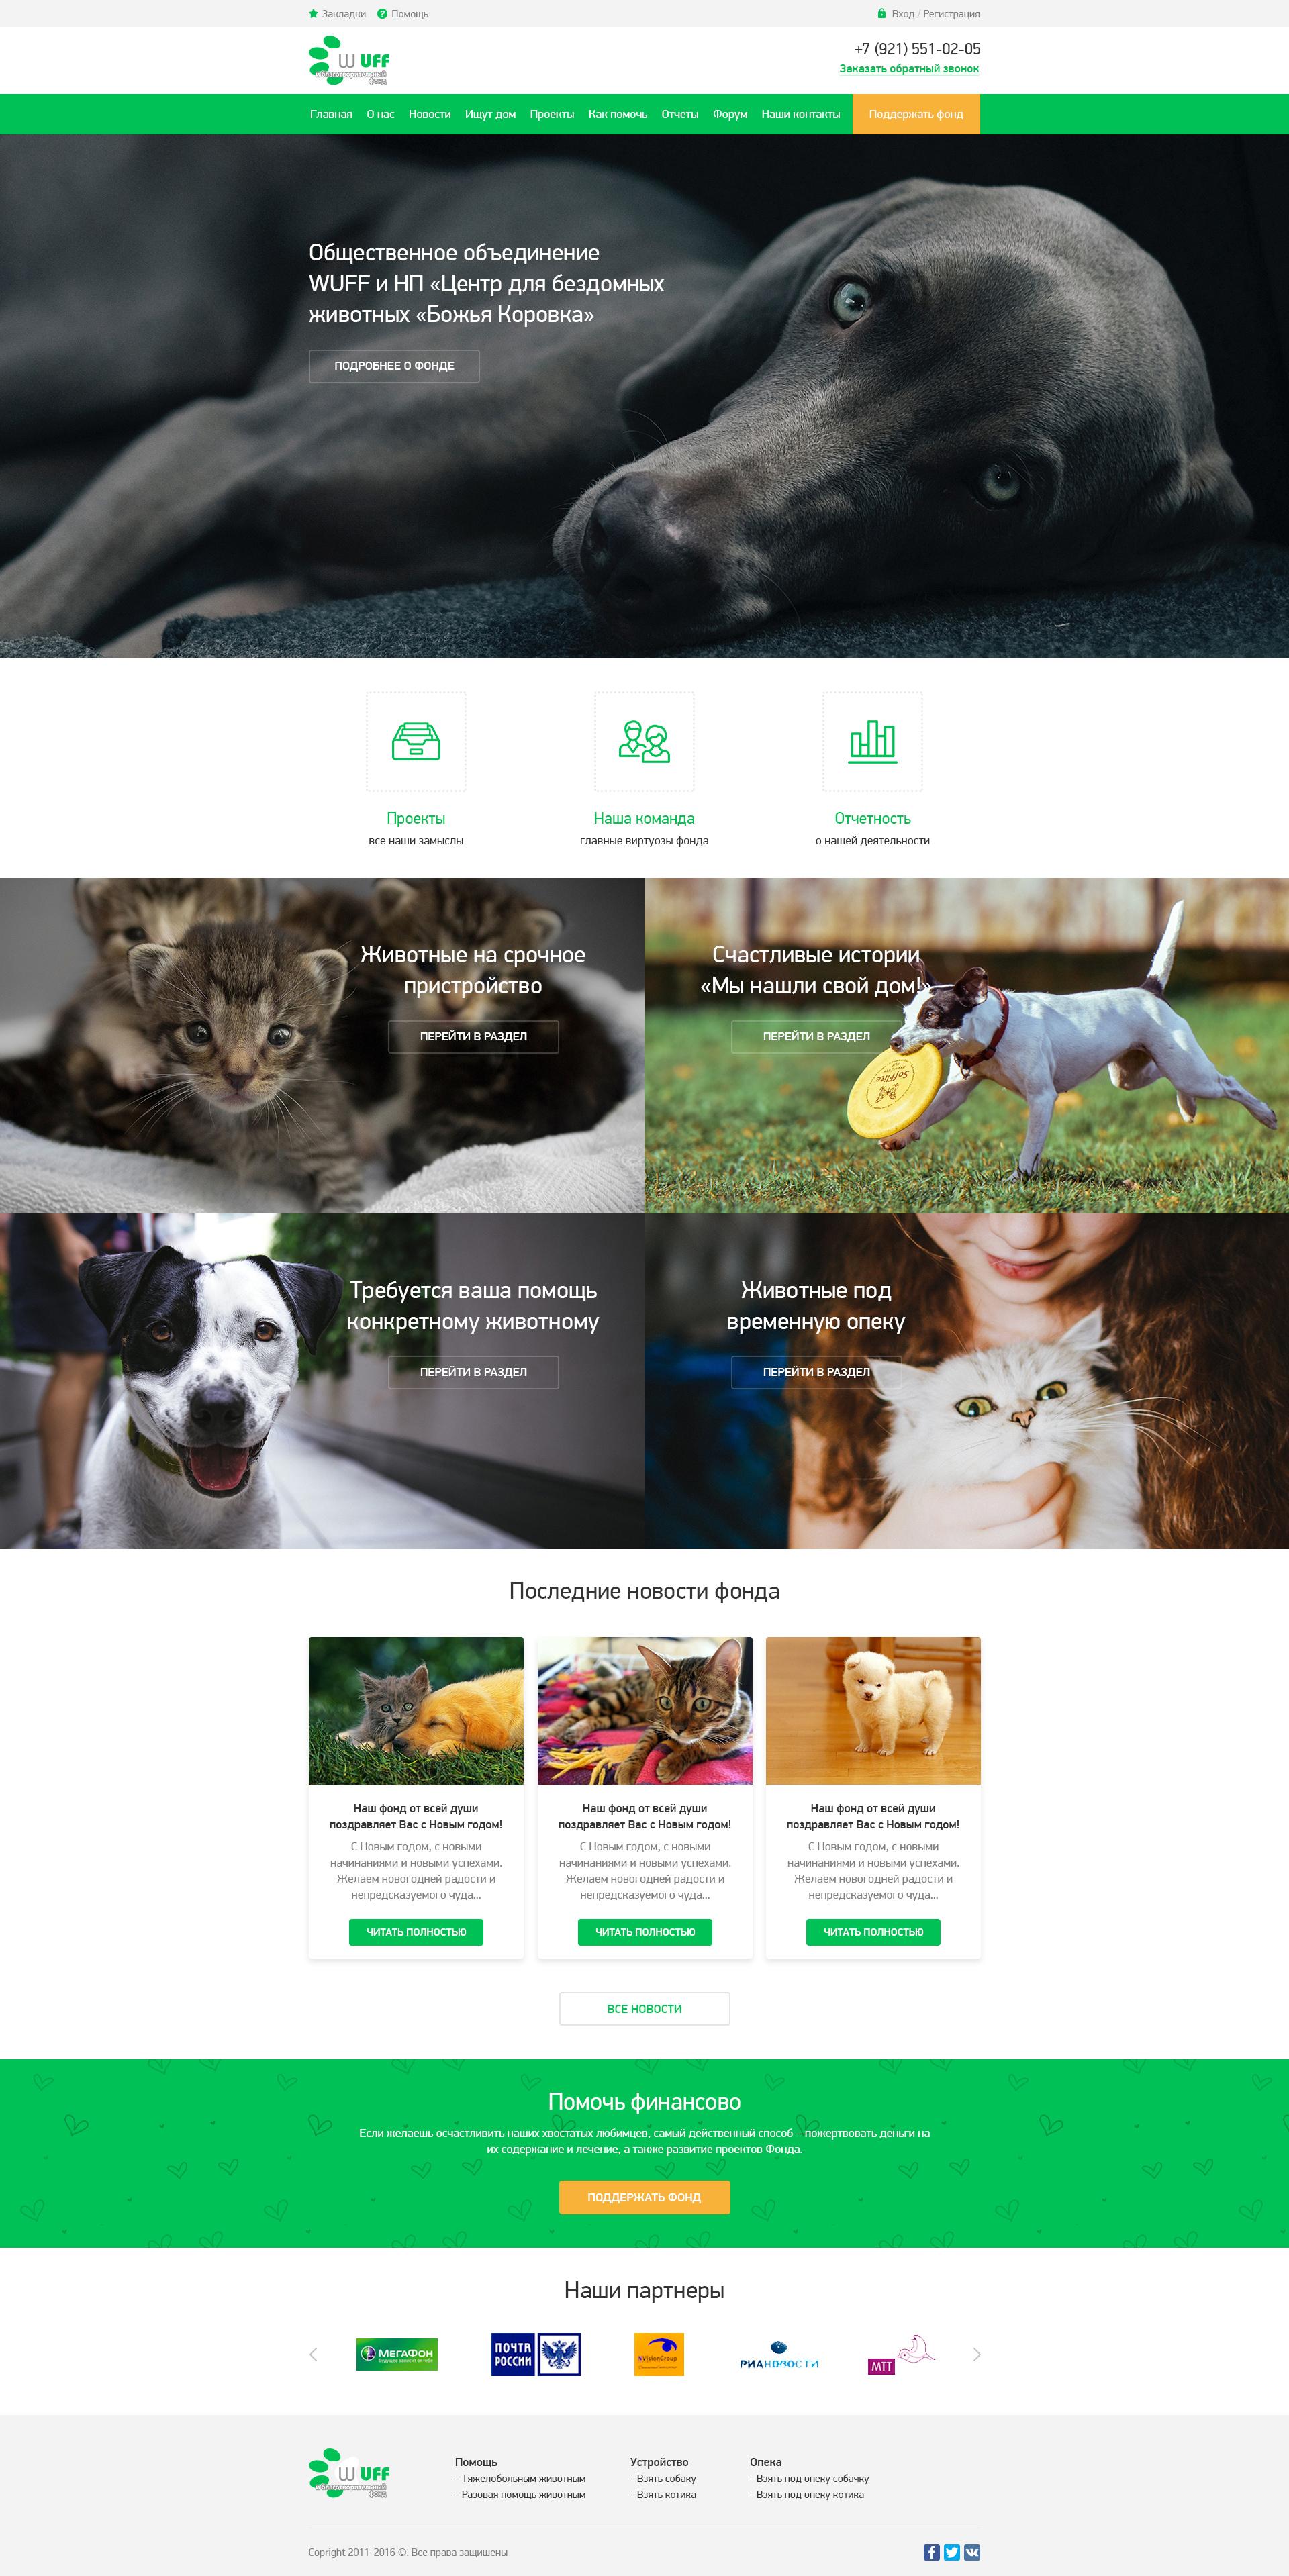 Требуется разработать дизайн сайта помощи бездомным животным фото f_3515880785cd1af4.jpg